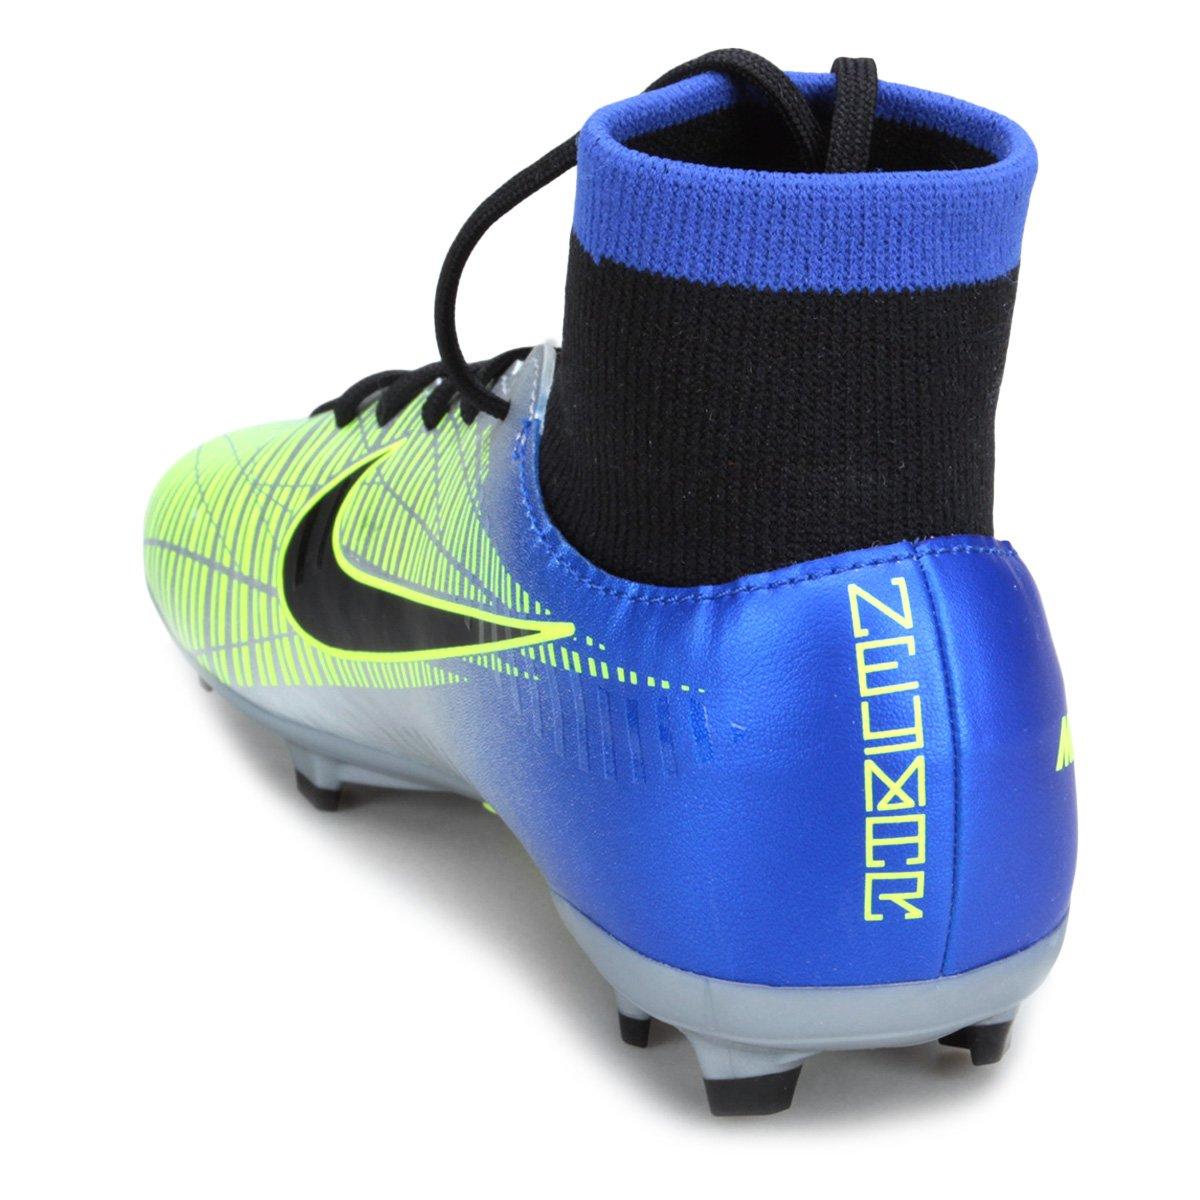 ... Chuteira Campo Infantil Nike Mercurial Victory 6 DF Neymar Jr FG ... 7734cad354e79